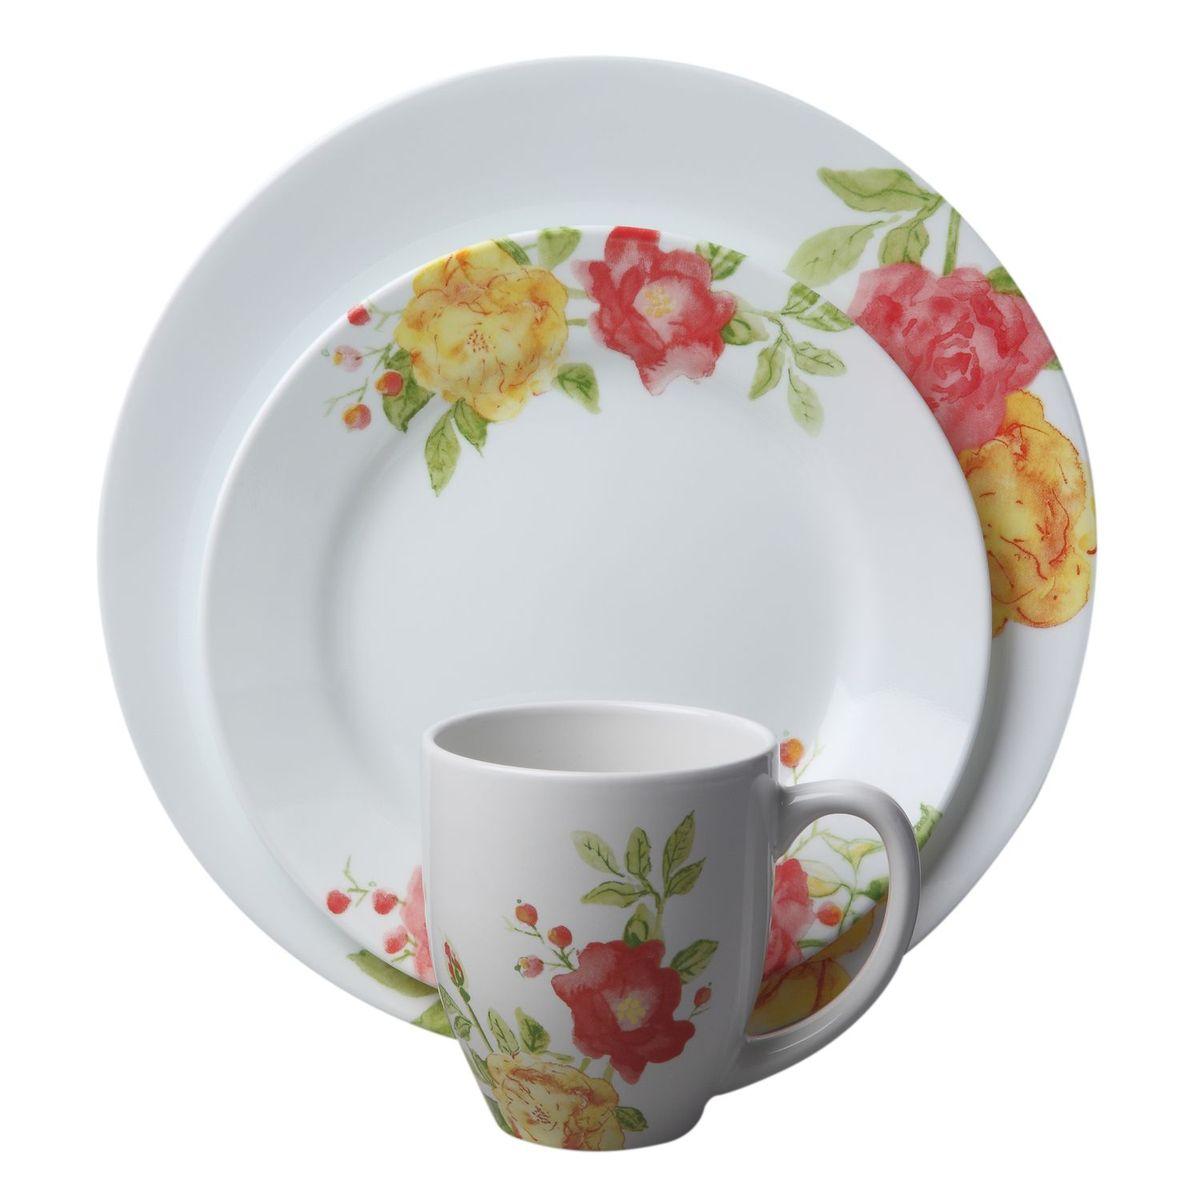 Набор посуды Emma Jane 16пр, цвет: белый с рисунком1114336Преимуществами посуды Corelle являются долговечность, красота и безопасность в использовании. Вся посуда Corelle изготавливается из высококачественного ударопрочного трехслойного стекла Vitrelle и украшена деколями американских и европейских дизайнеров. Рисунки не стираются и не царапаются, не теряют свою яркость на протяжении многих лет. Посуда Corelle не впитывает запахов и очень долгое время выглядит как новая. Уникальная эмаль, используемая во время декорирования, фактически становится единым целым с поверхностью стекла, что гарантирует долгое сохранение нанесенного рисунка. Еще одним из главных преимуществ посуды Corelle является ее безопасность. В производстве используются только безопасные для пищи пигменты эмали, при производстве посуды не применяется вредный для здоровья человека меламин. Изделия из материала Vitrelle: Прочные и легкие; Выдерживают температуру до 180С; Могут использоваться в посудомоечной машине и микроволновой печи; Штабелируемые; Устойчивы к царапинам; Ударопрочные; Не содержит меламин.4 обеденные тарелки 27 см; 4 закусочные тарелки 22 см; 4 суповые торелки 530 мл; 4 фарфоровые кружки 380 мл